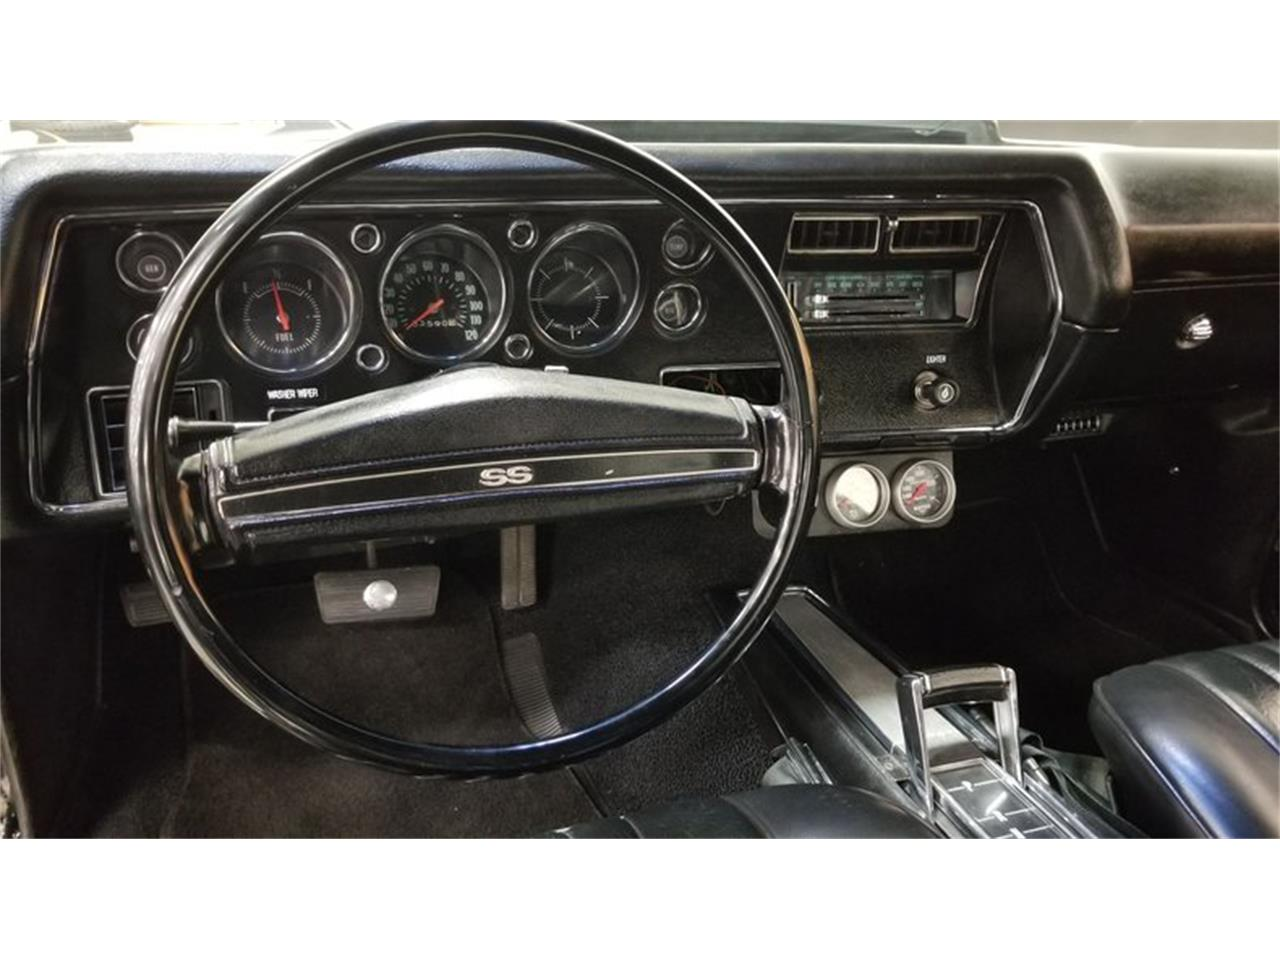 1971 Chevrolet Chevelle (CC-1381340) for sale in Mankato, Minnesota